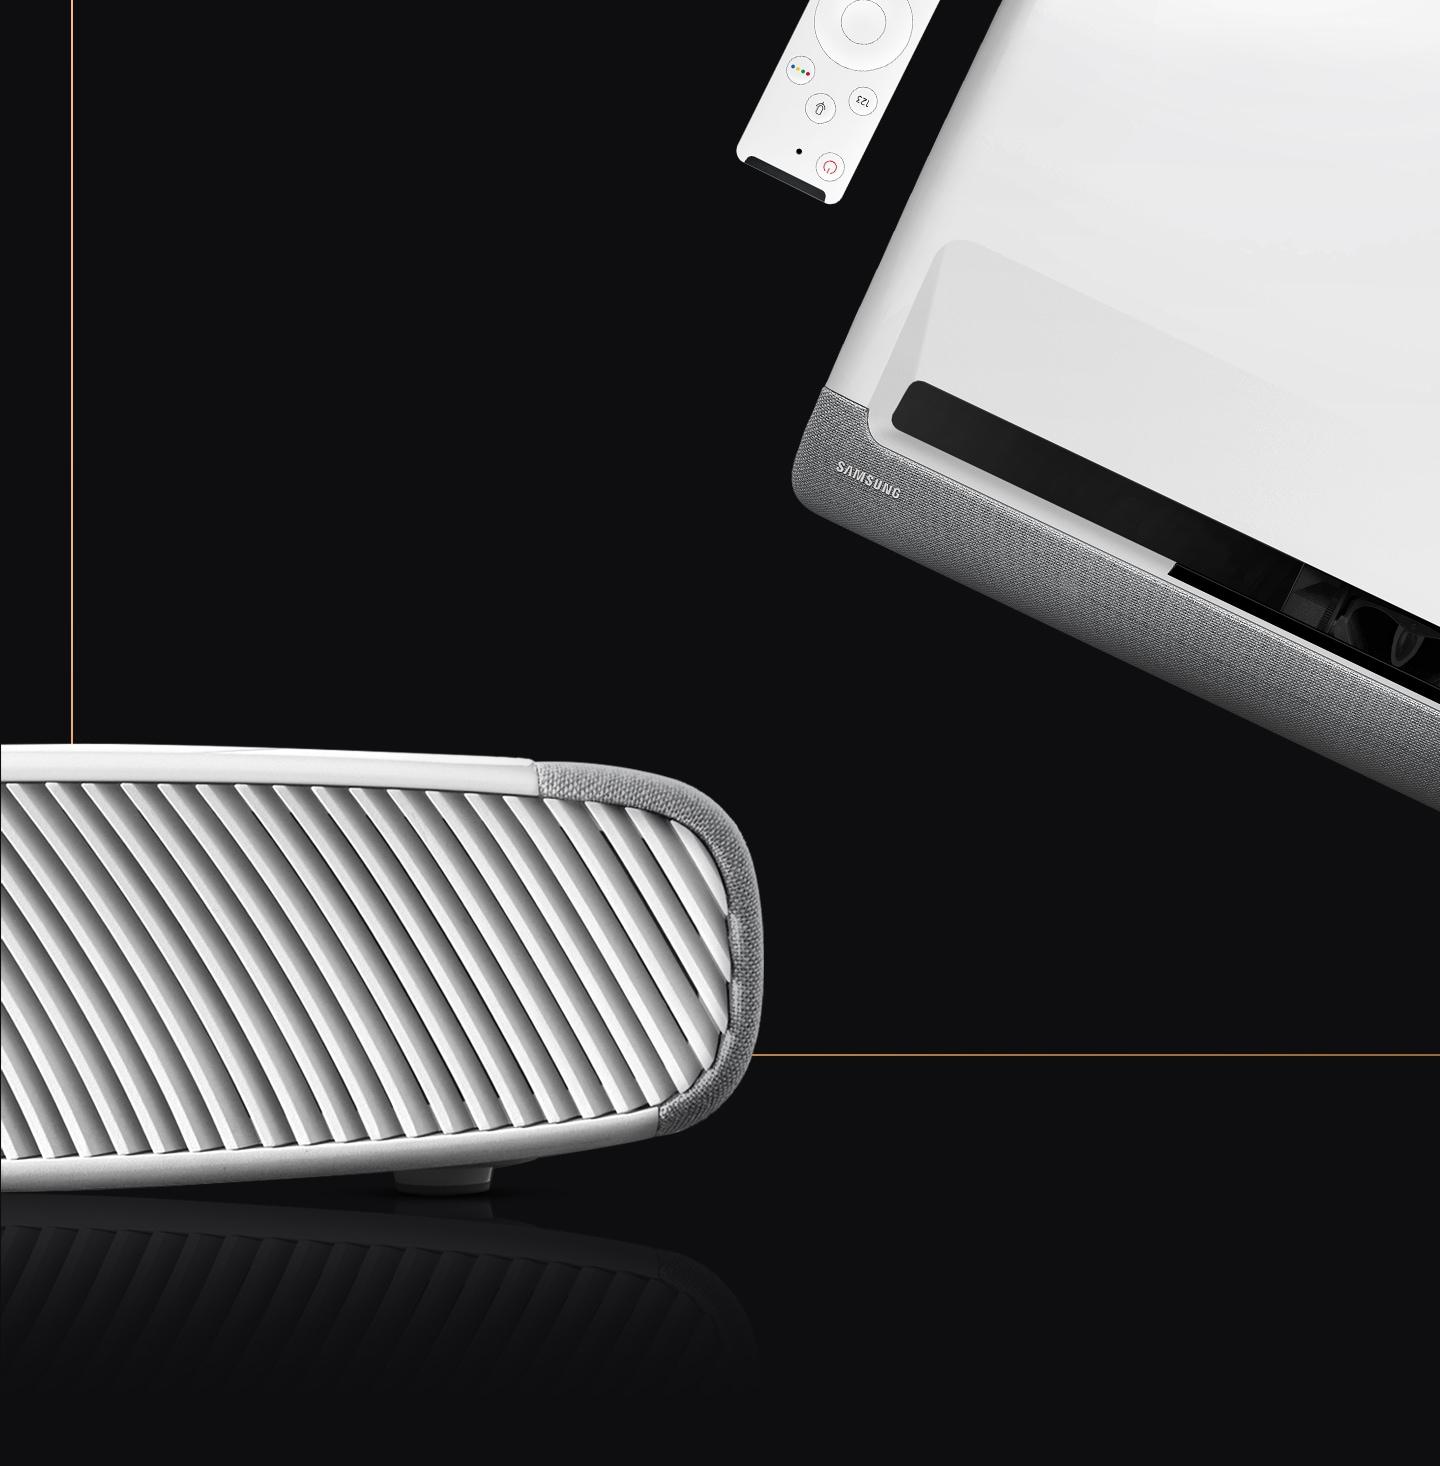 El proyector doméstico Samsung con control remoto se combina armoniosamente en cualquier lugar debido a su diseño compacto y redondo.